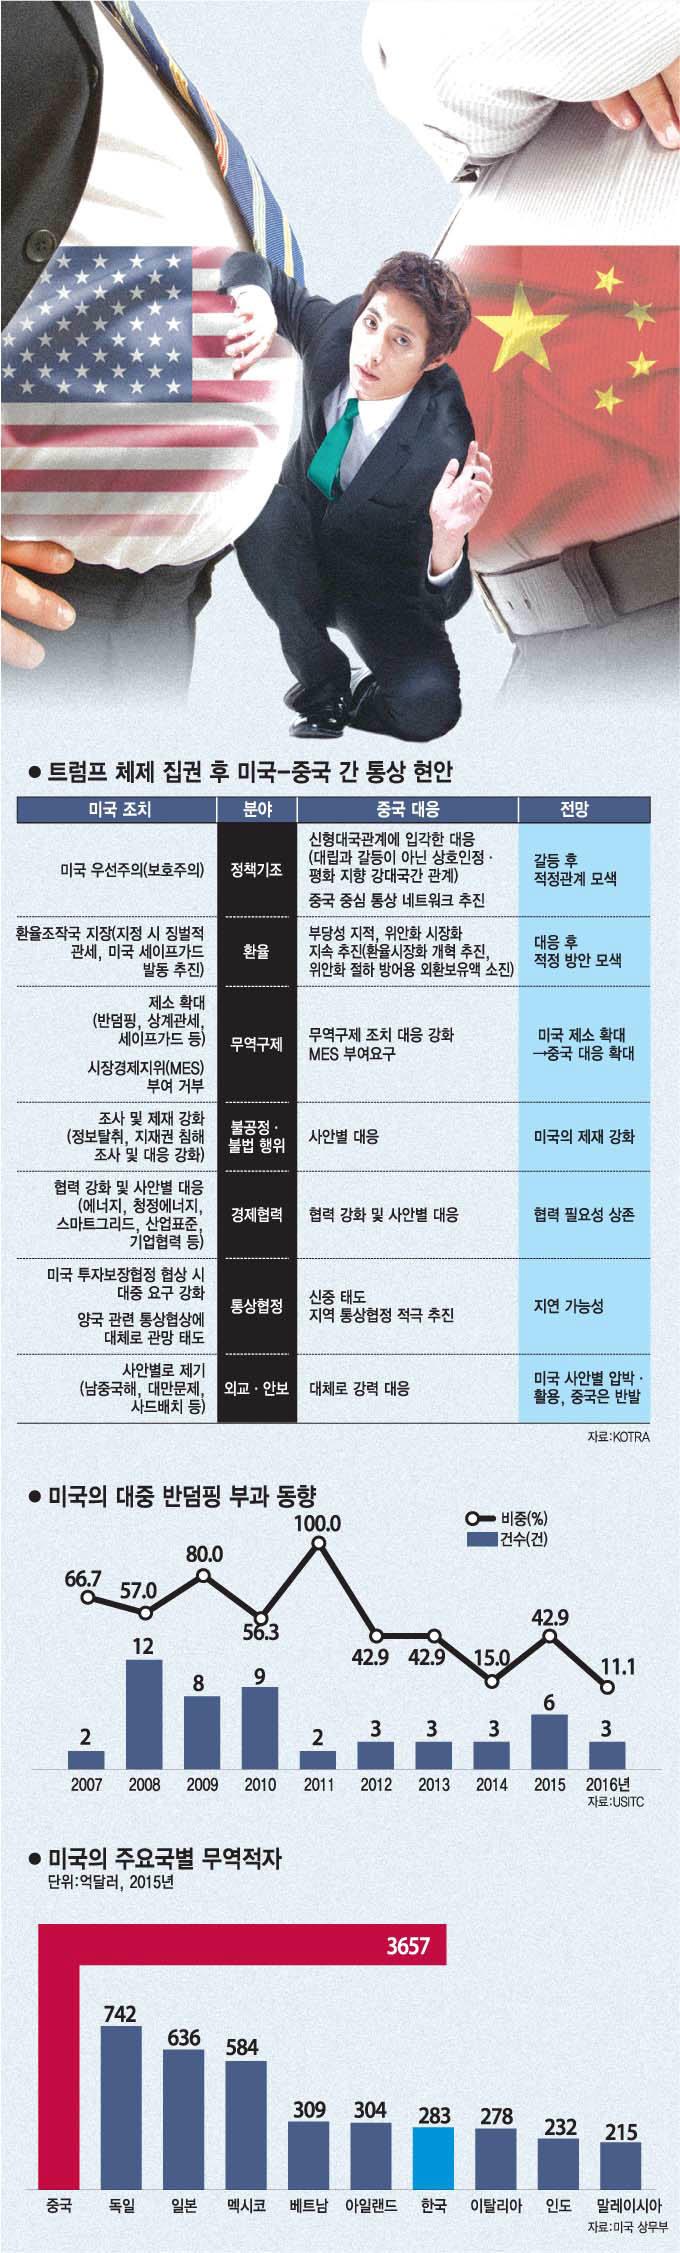 [이슈분석]미-중 무역전쟁, 샌드위치 한국